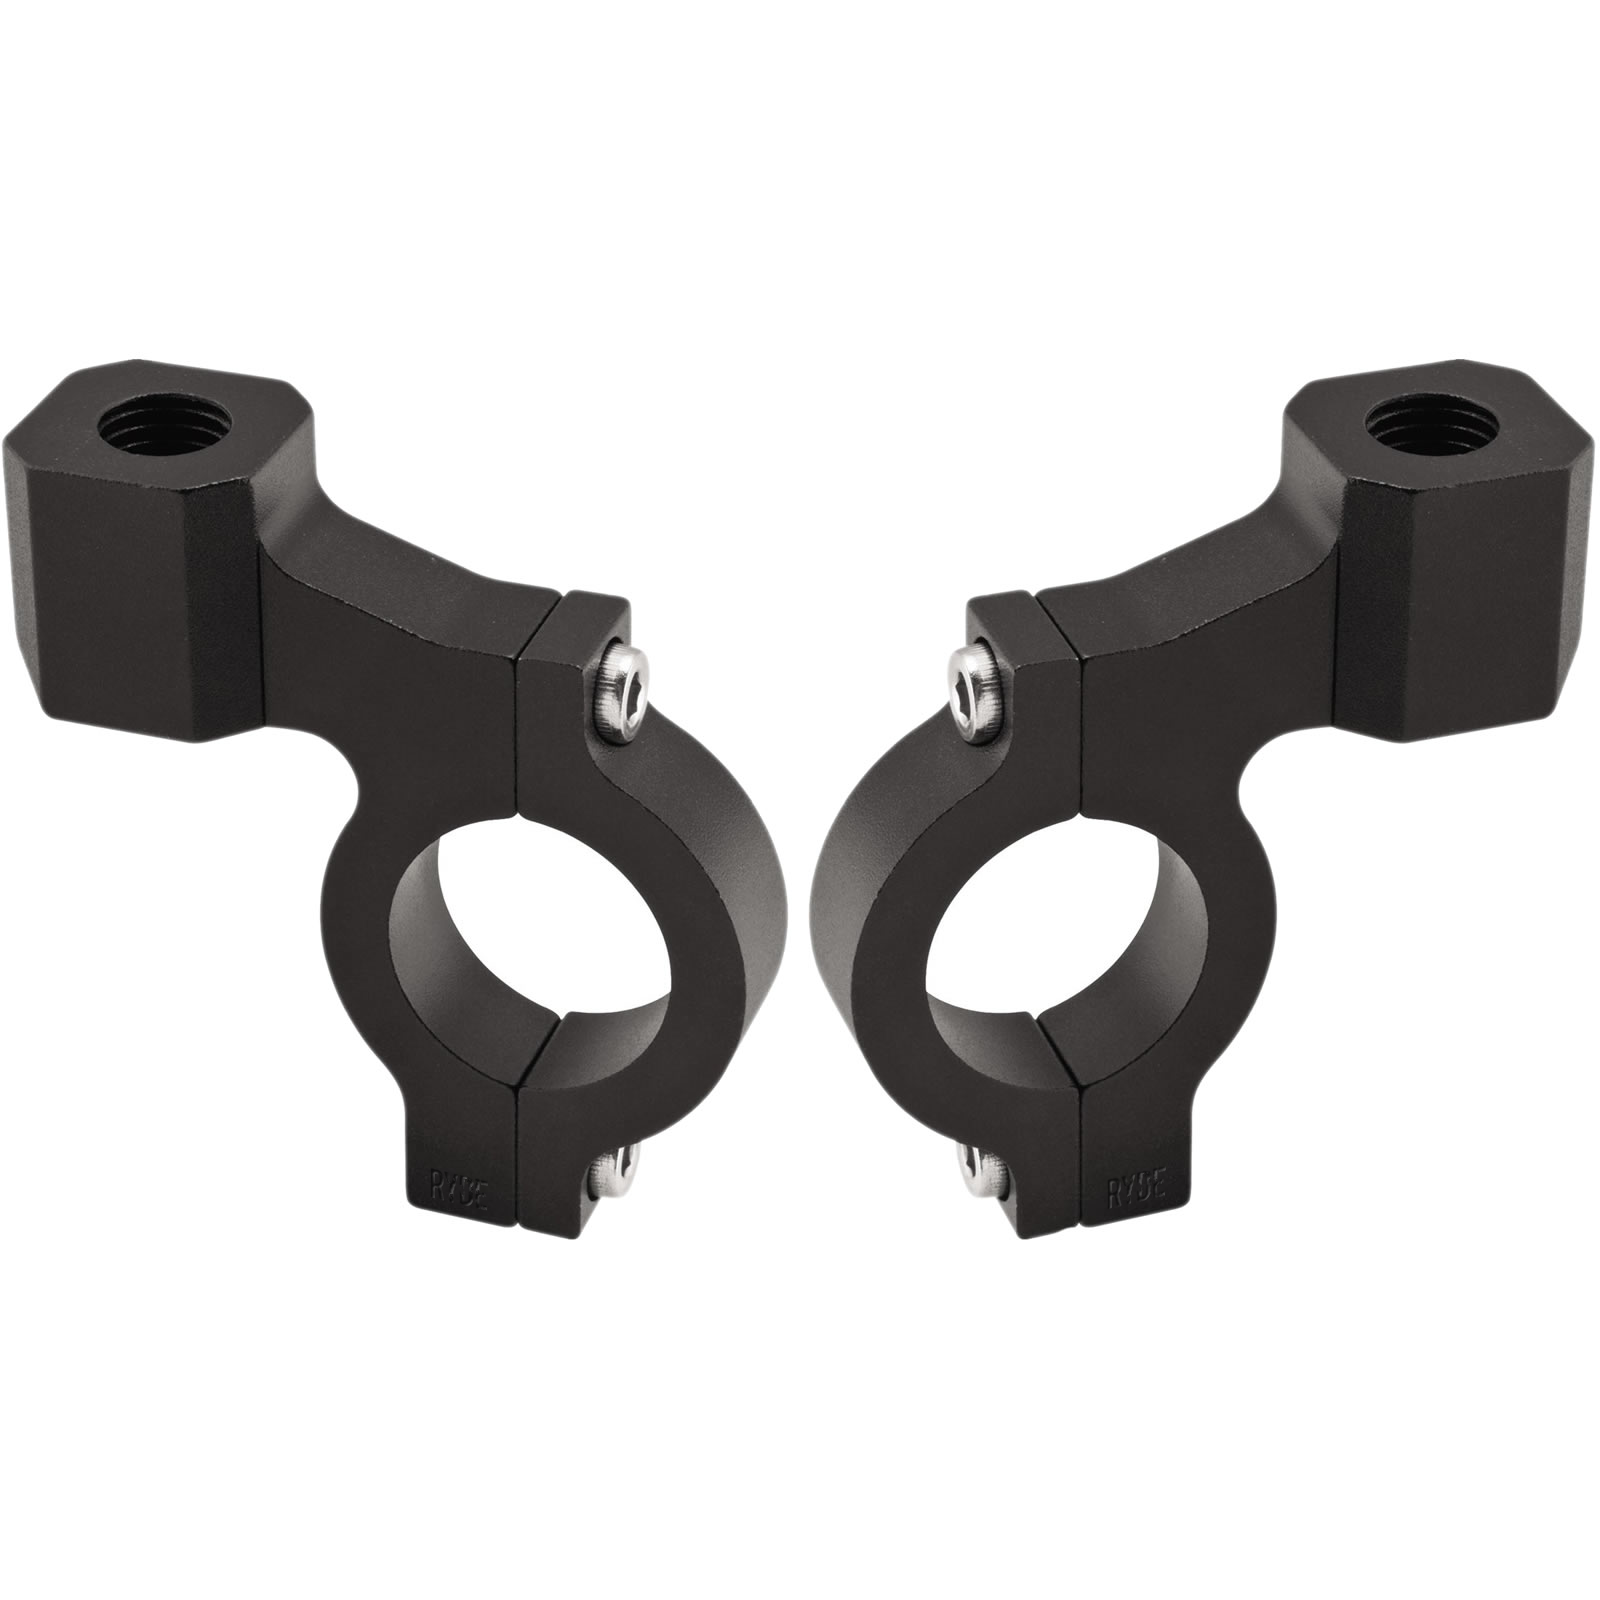 Staffa Per Attacco Specchietto 10mm Su Adattatore Per Manubrio Da Moto 22mm 7//8